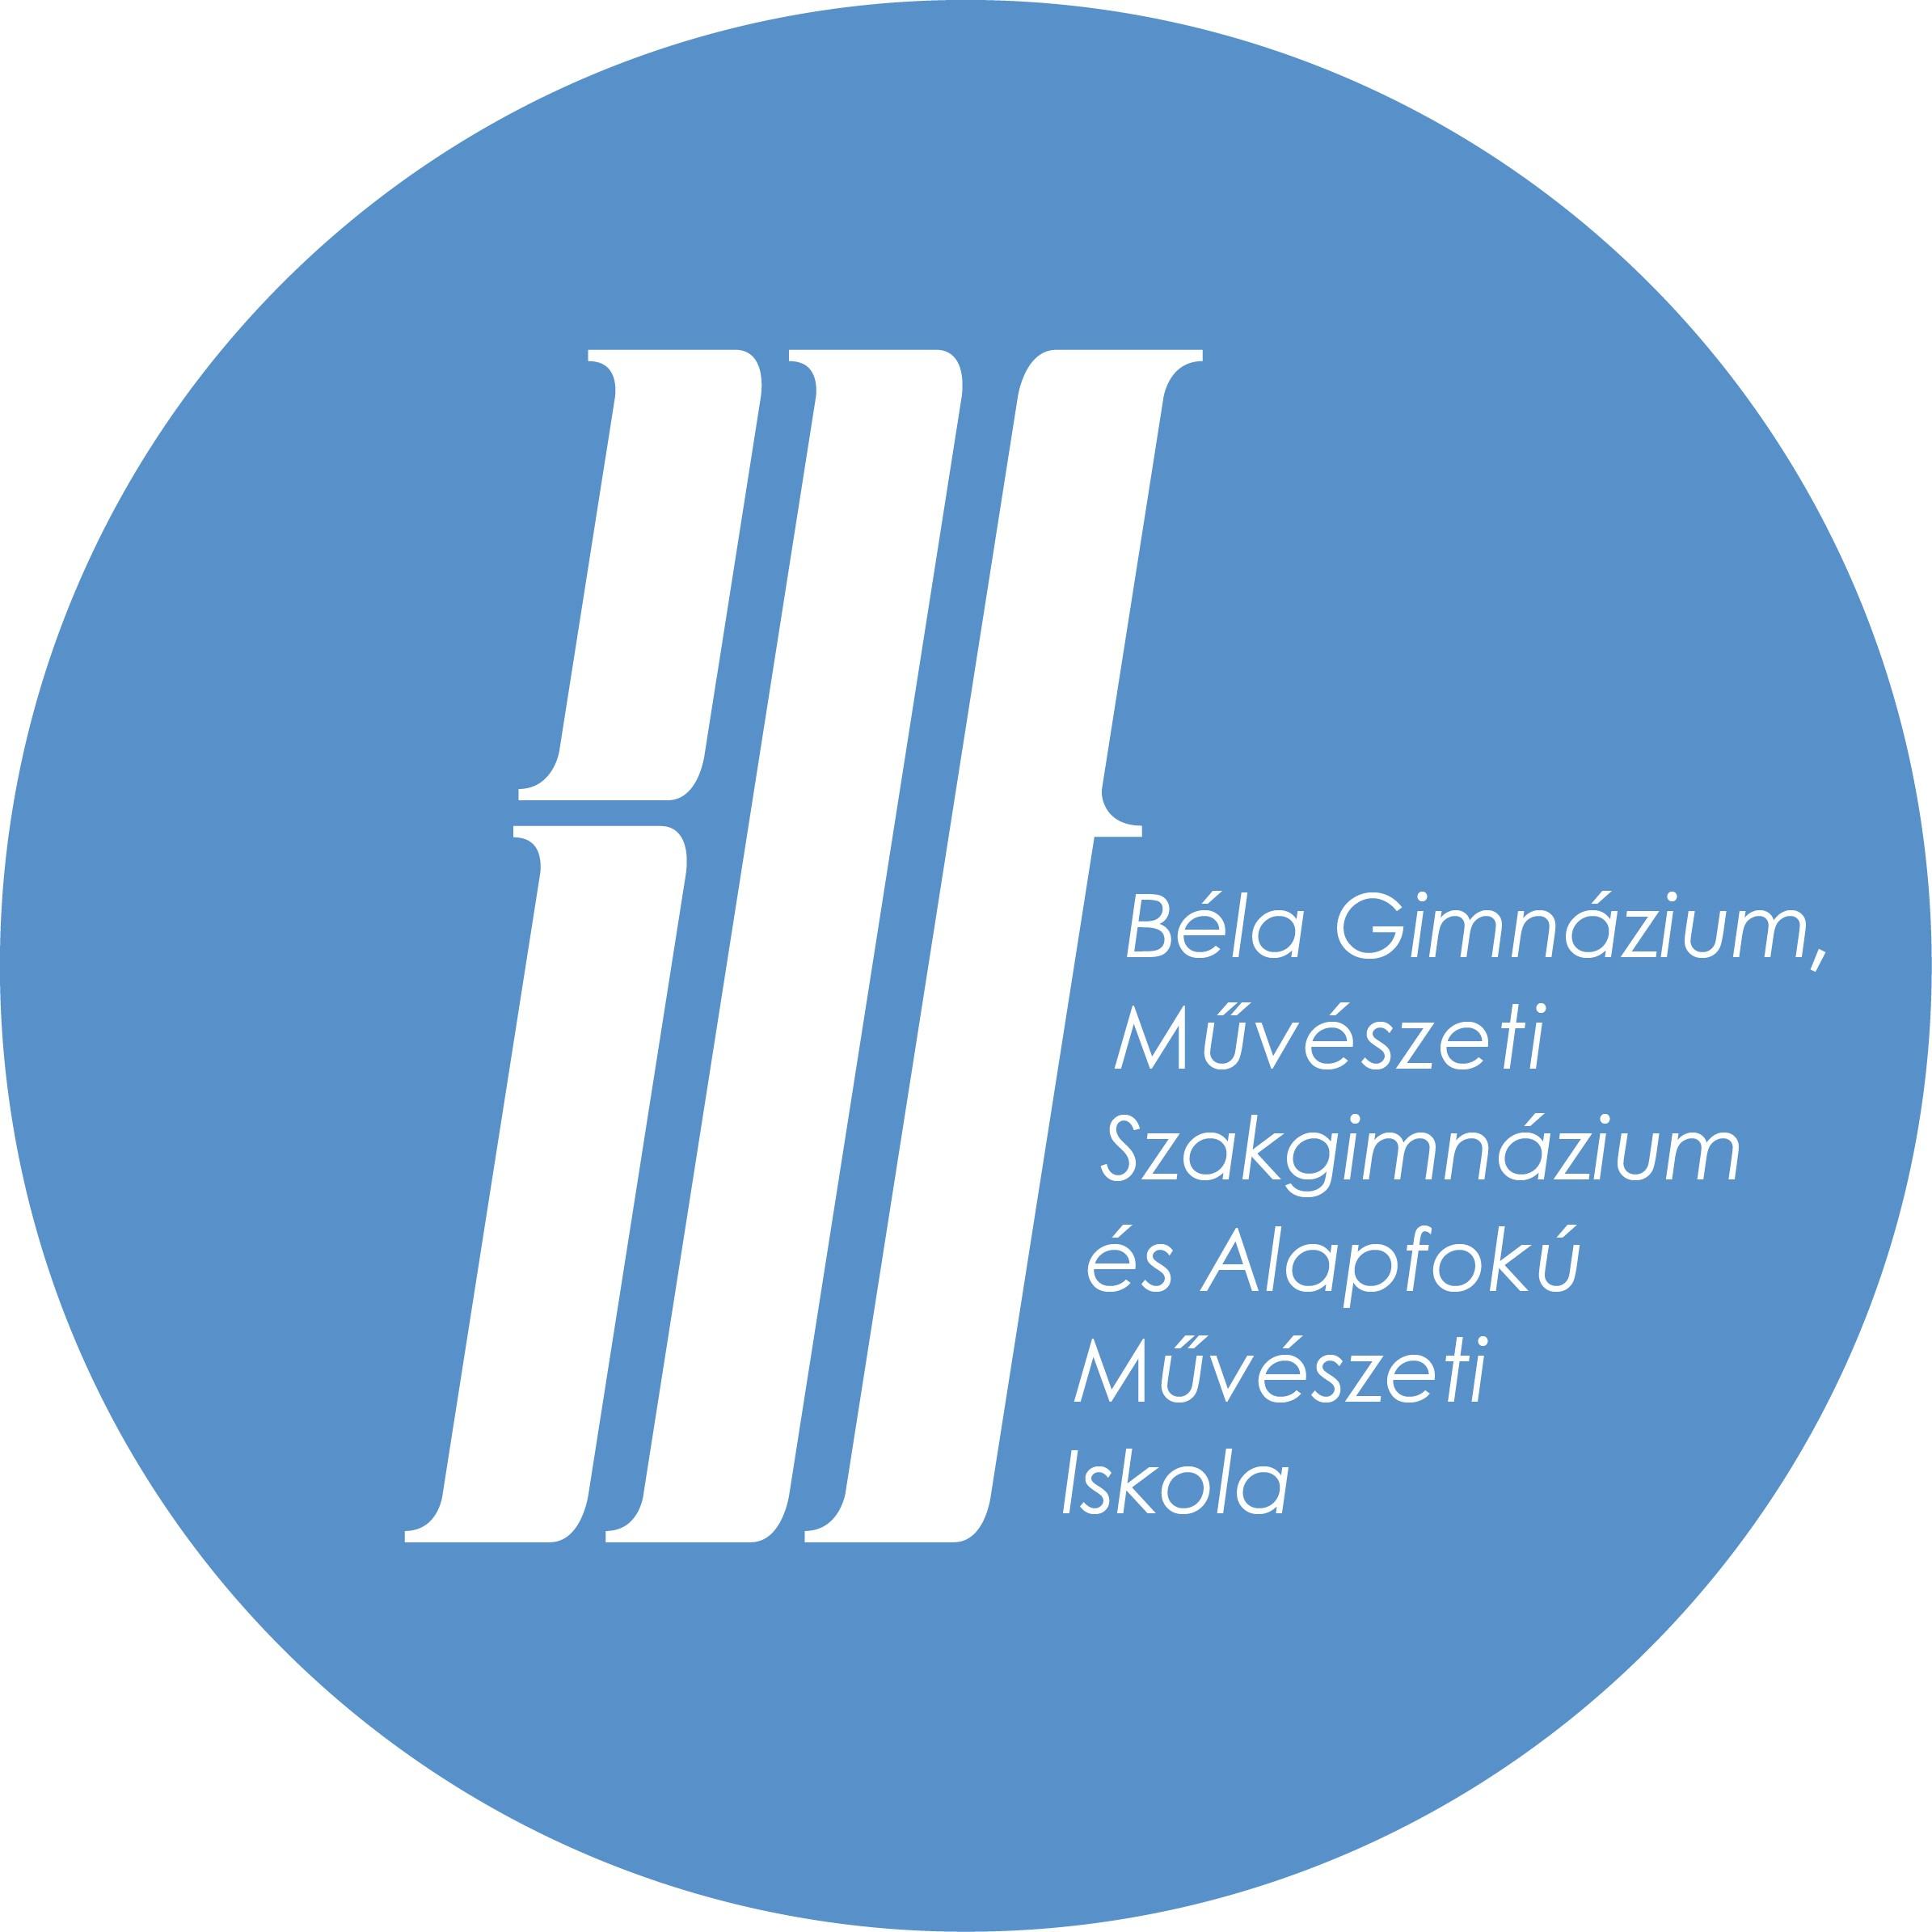 III. Béla Gimnázium, Művészeti Szakgimnázium és AMI